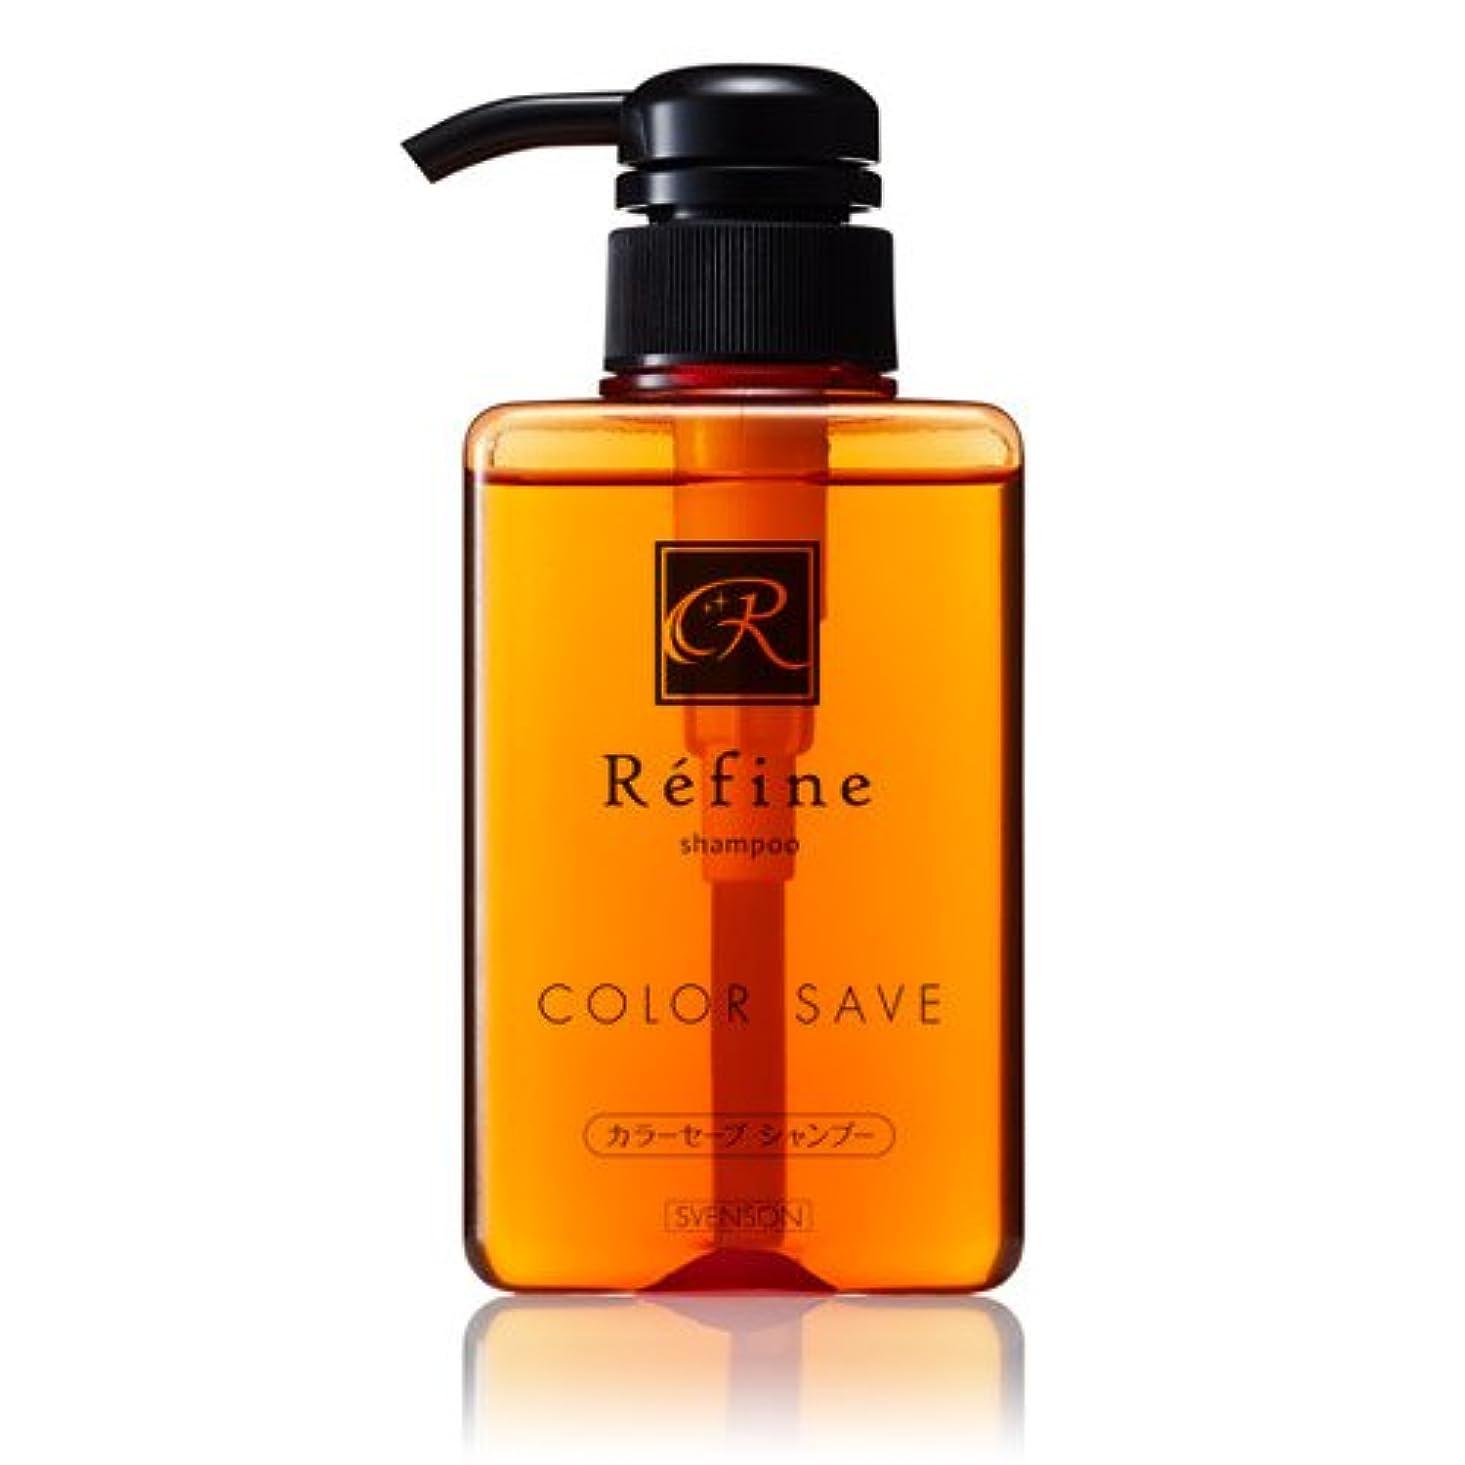 ビットばかげたフェザーレフィーネ カラーセーブシャンプー(400mL) ローズの香り